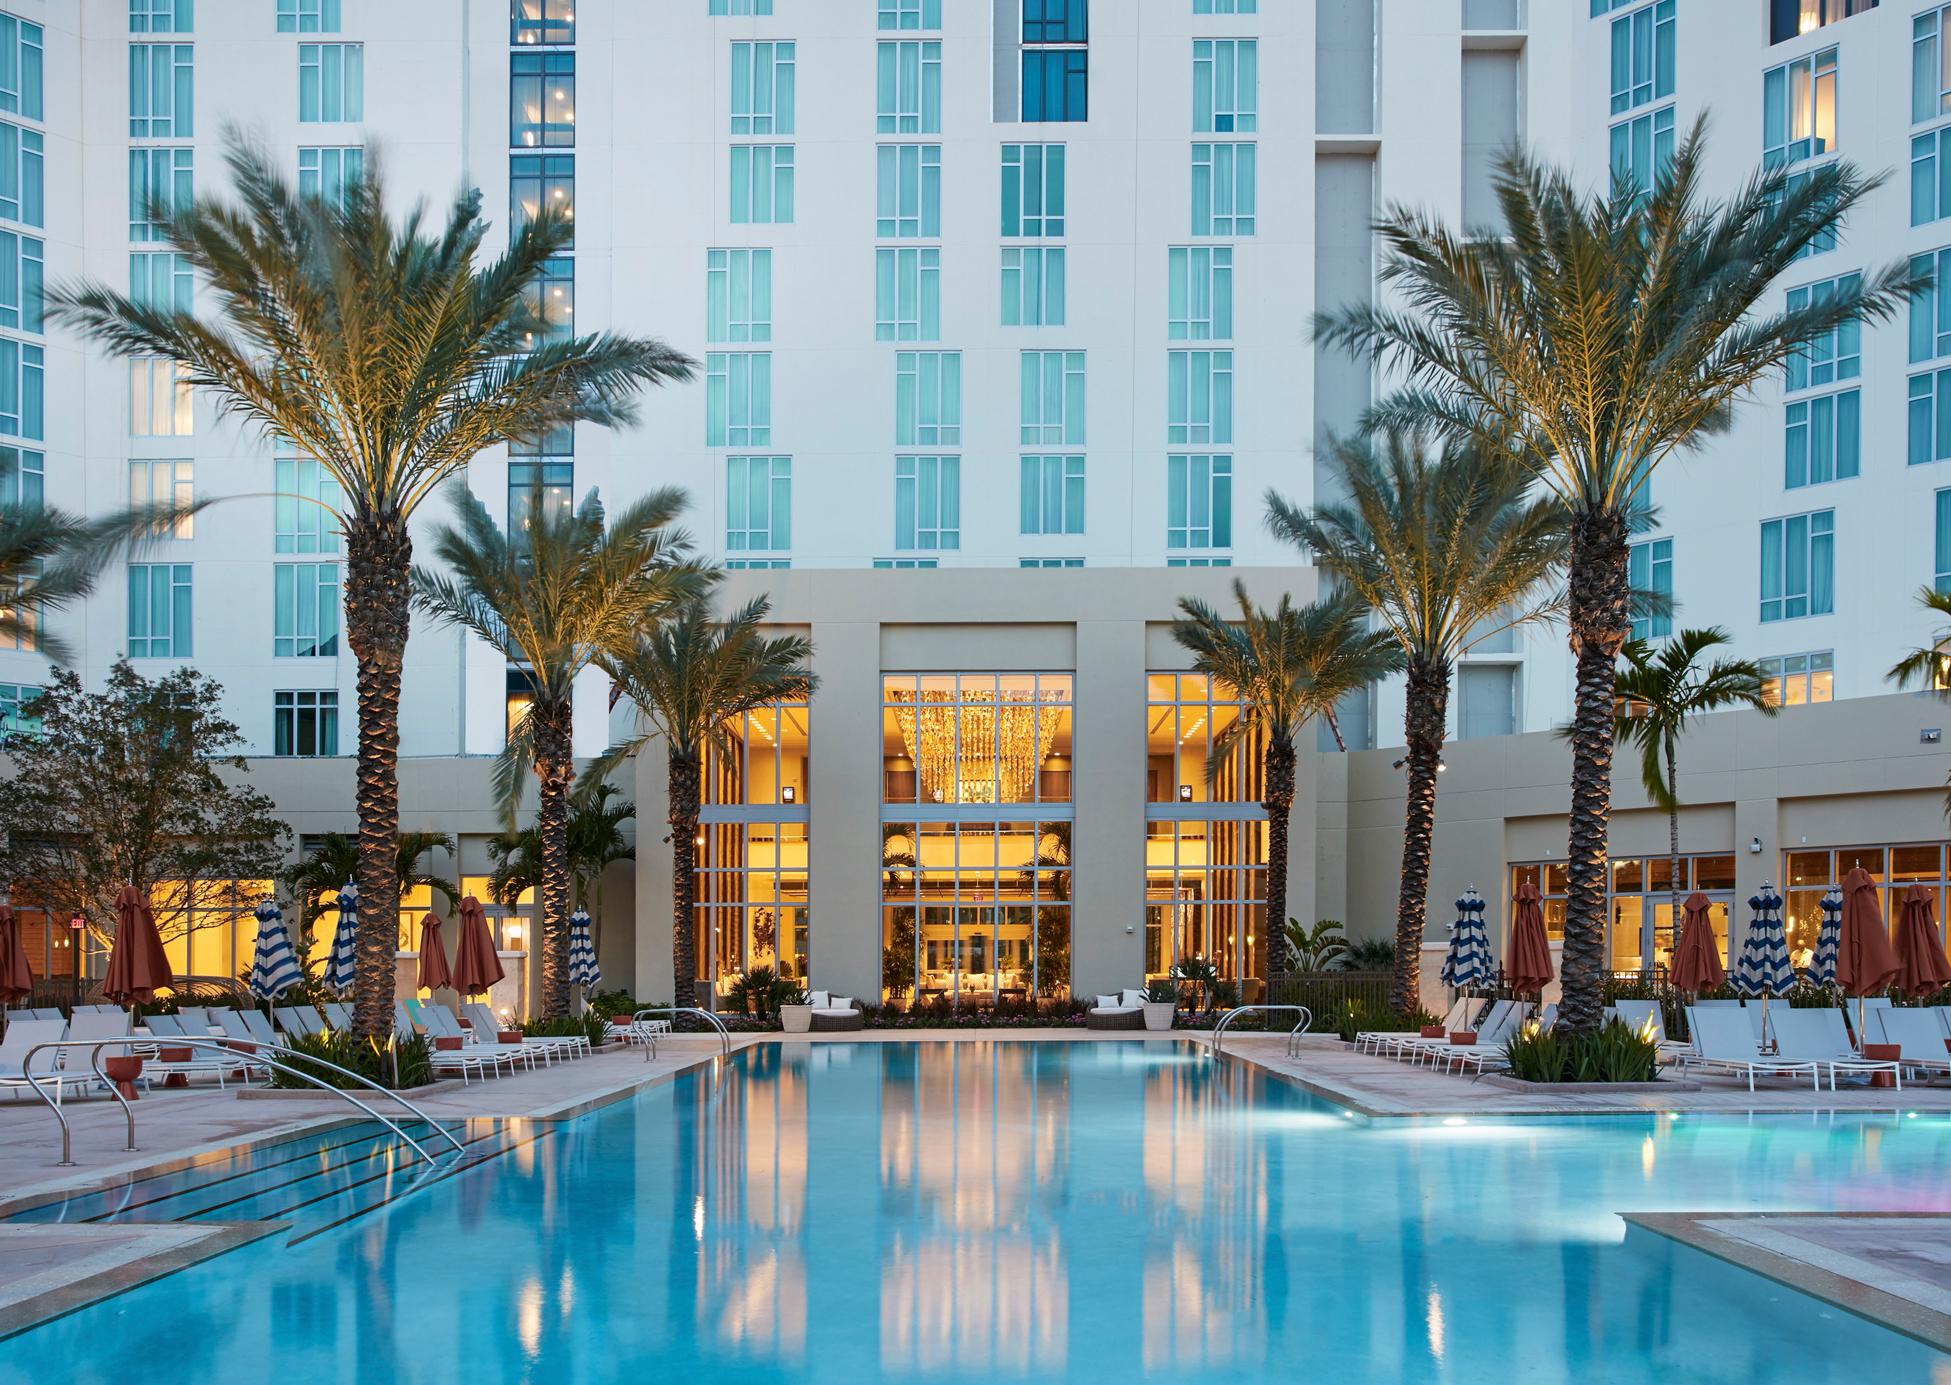 Hilton_West_Palm_Beach__Pool_Dusk.jpg (1)